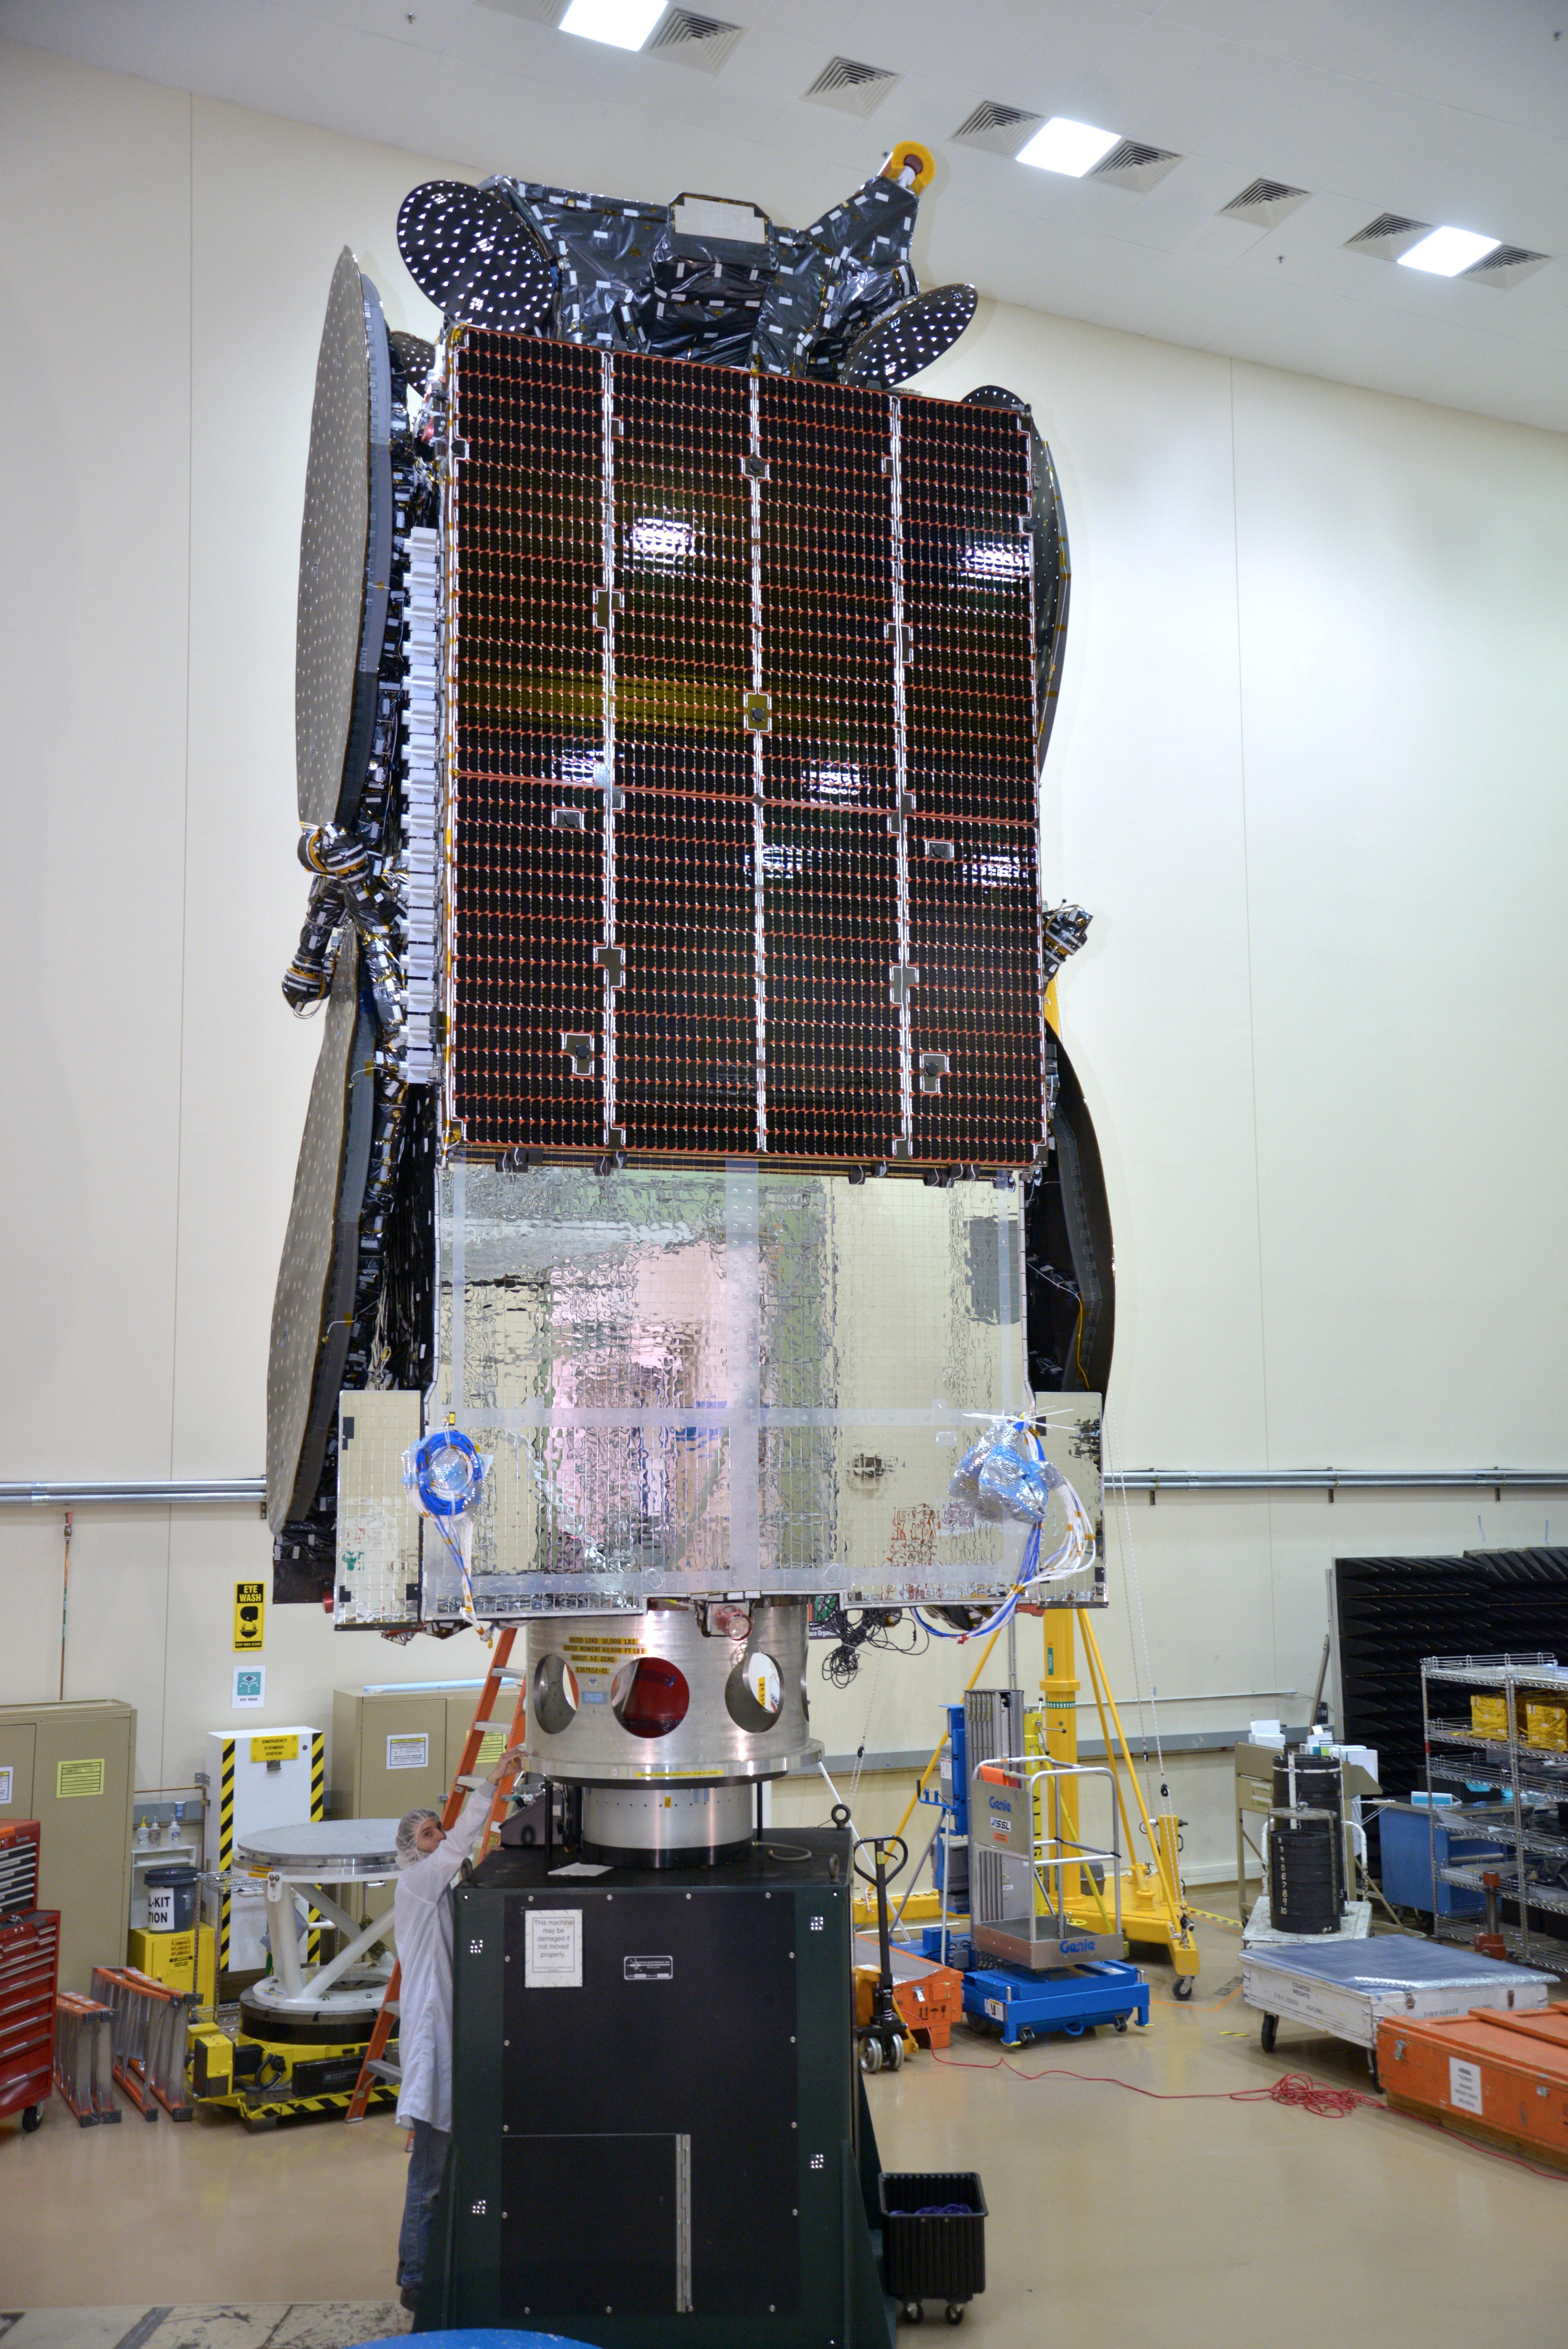 Lancement Ariane 5 ECA VA224 / Star One C4 + MSG4 - 15 juillet 2015  - Page 2 Stonec4-cgmoi